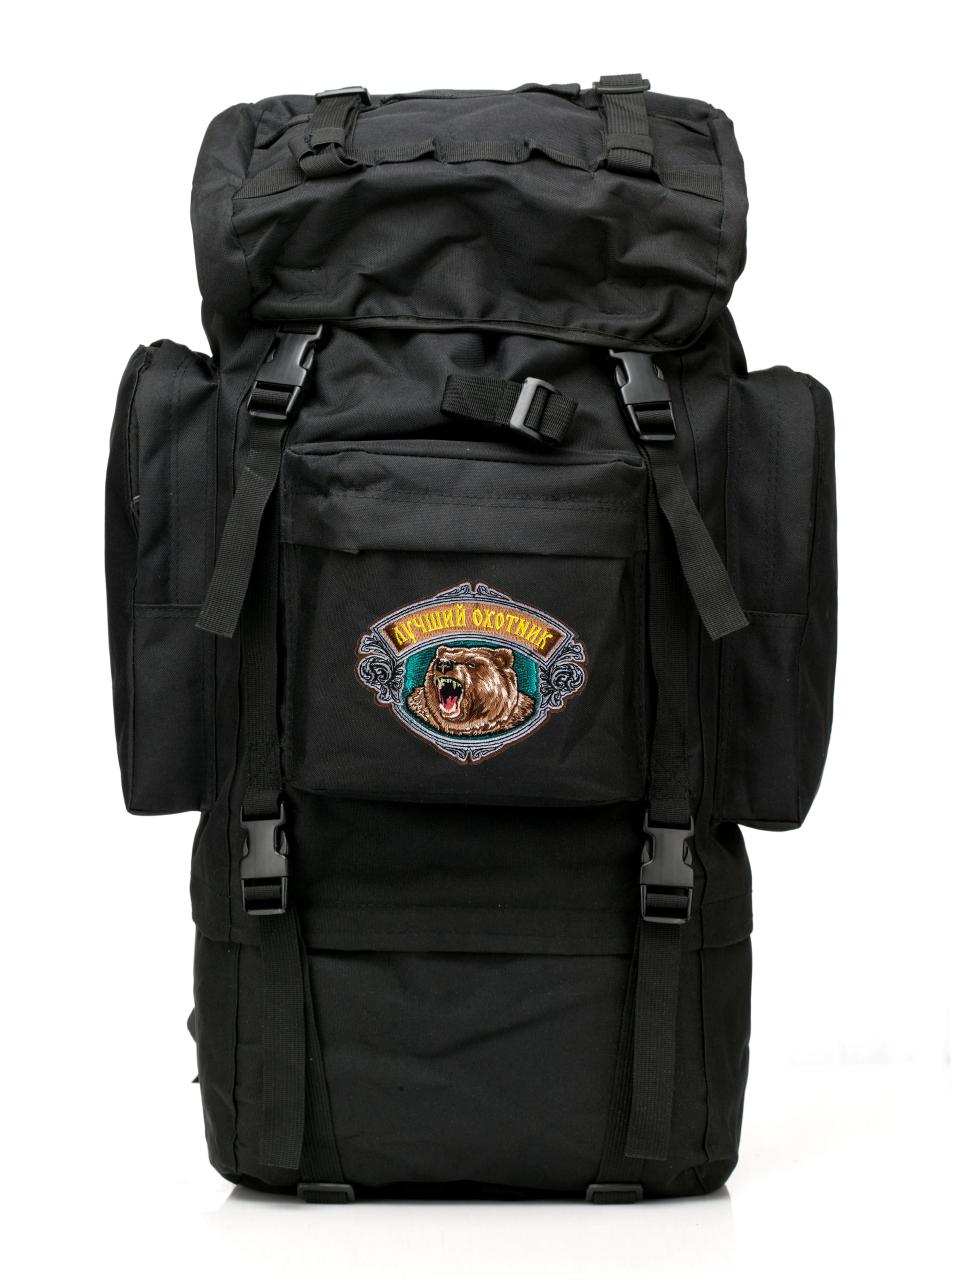 Большой вместительный рюкзак с нашивкой Лучший Охотник - заказать выгодно